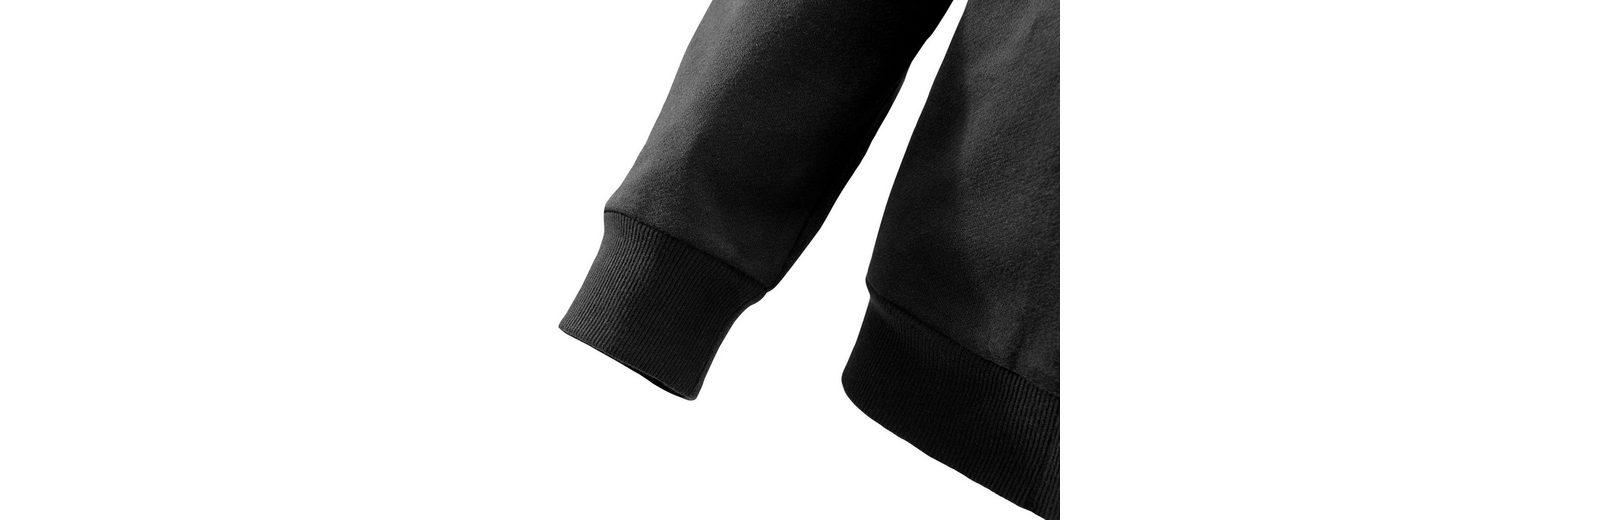 Joy Sportswear Trainingsjacke DAVE Bester Verkauf Günstiger Preis Beliebt Zu Verkaufen Suche Nach Günstiger Online Ausgezeichnete Günstig Online tgca9